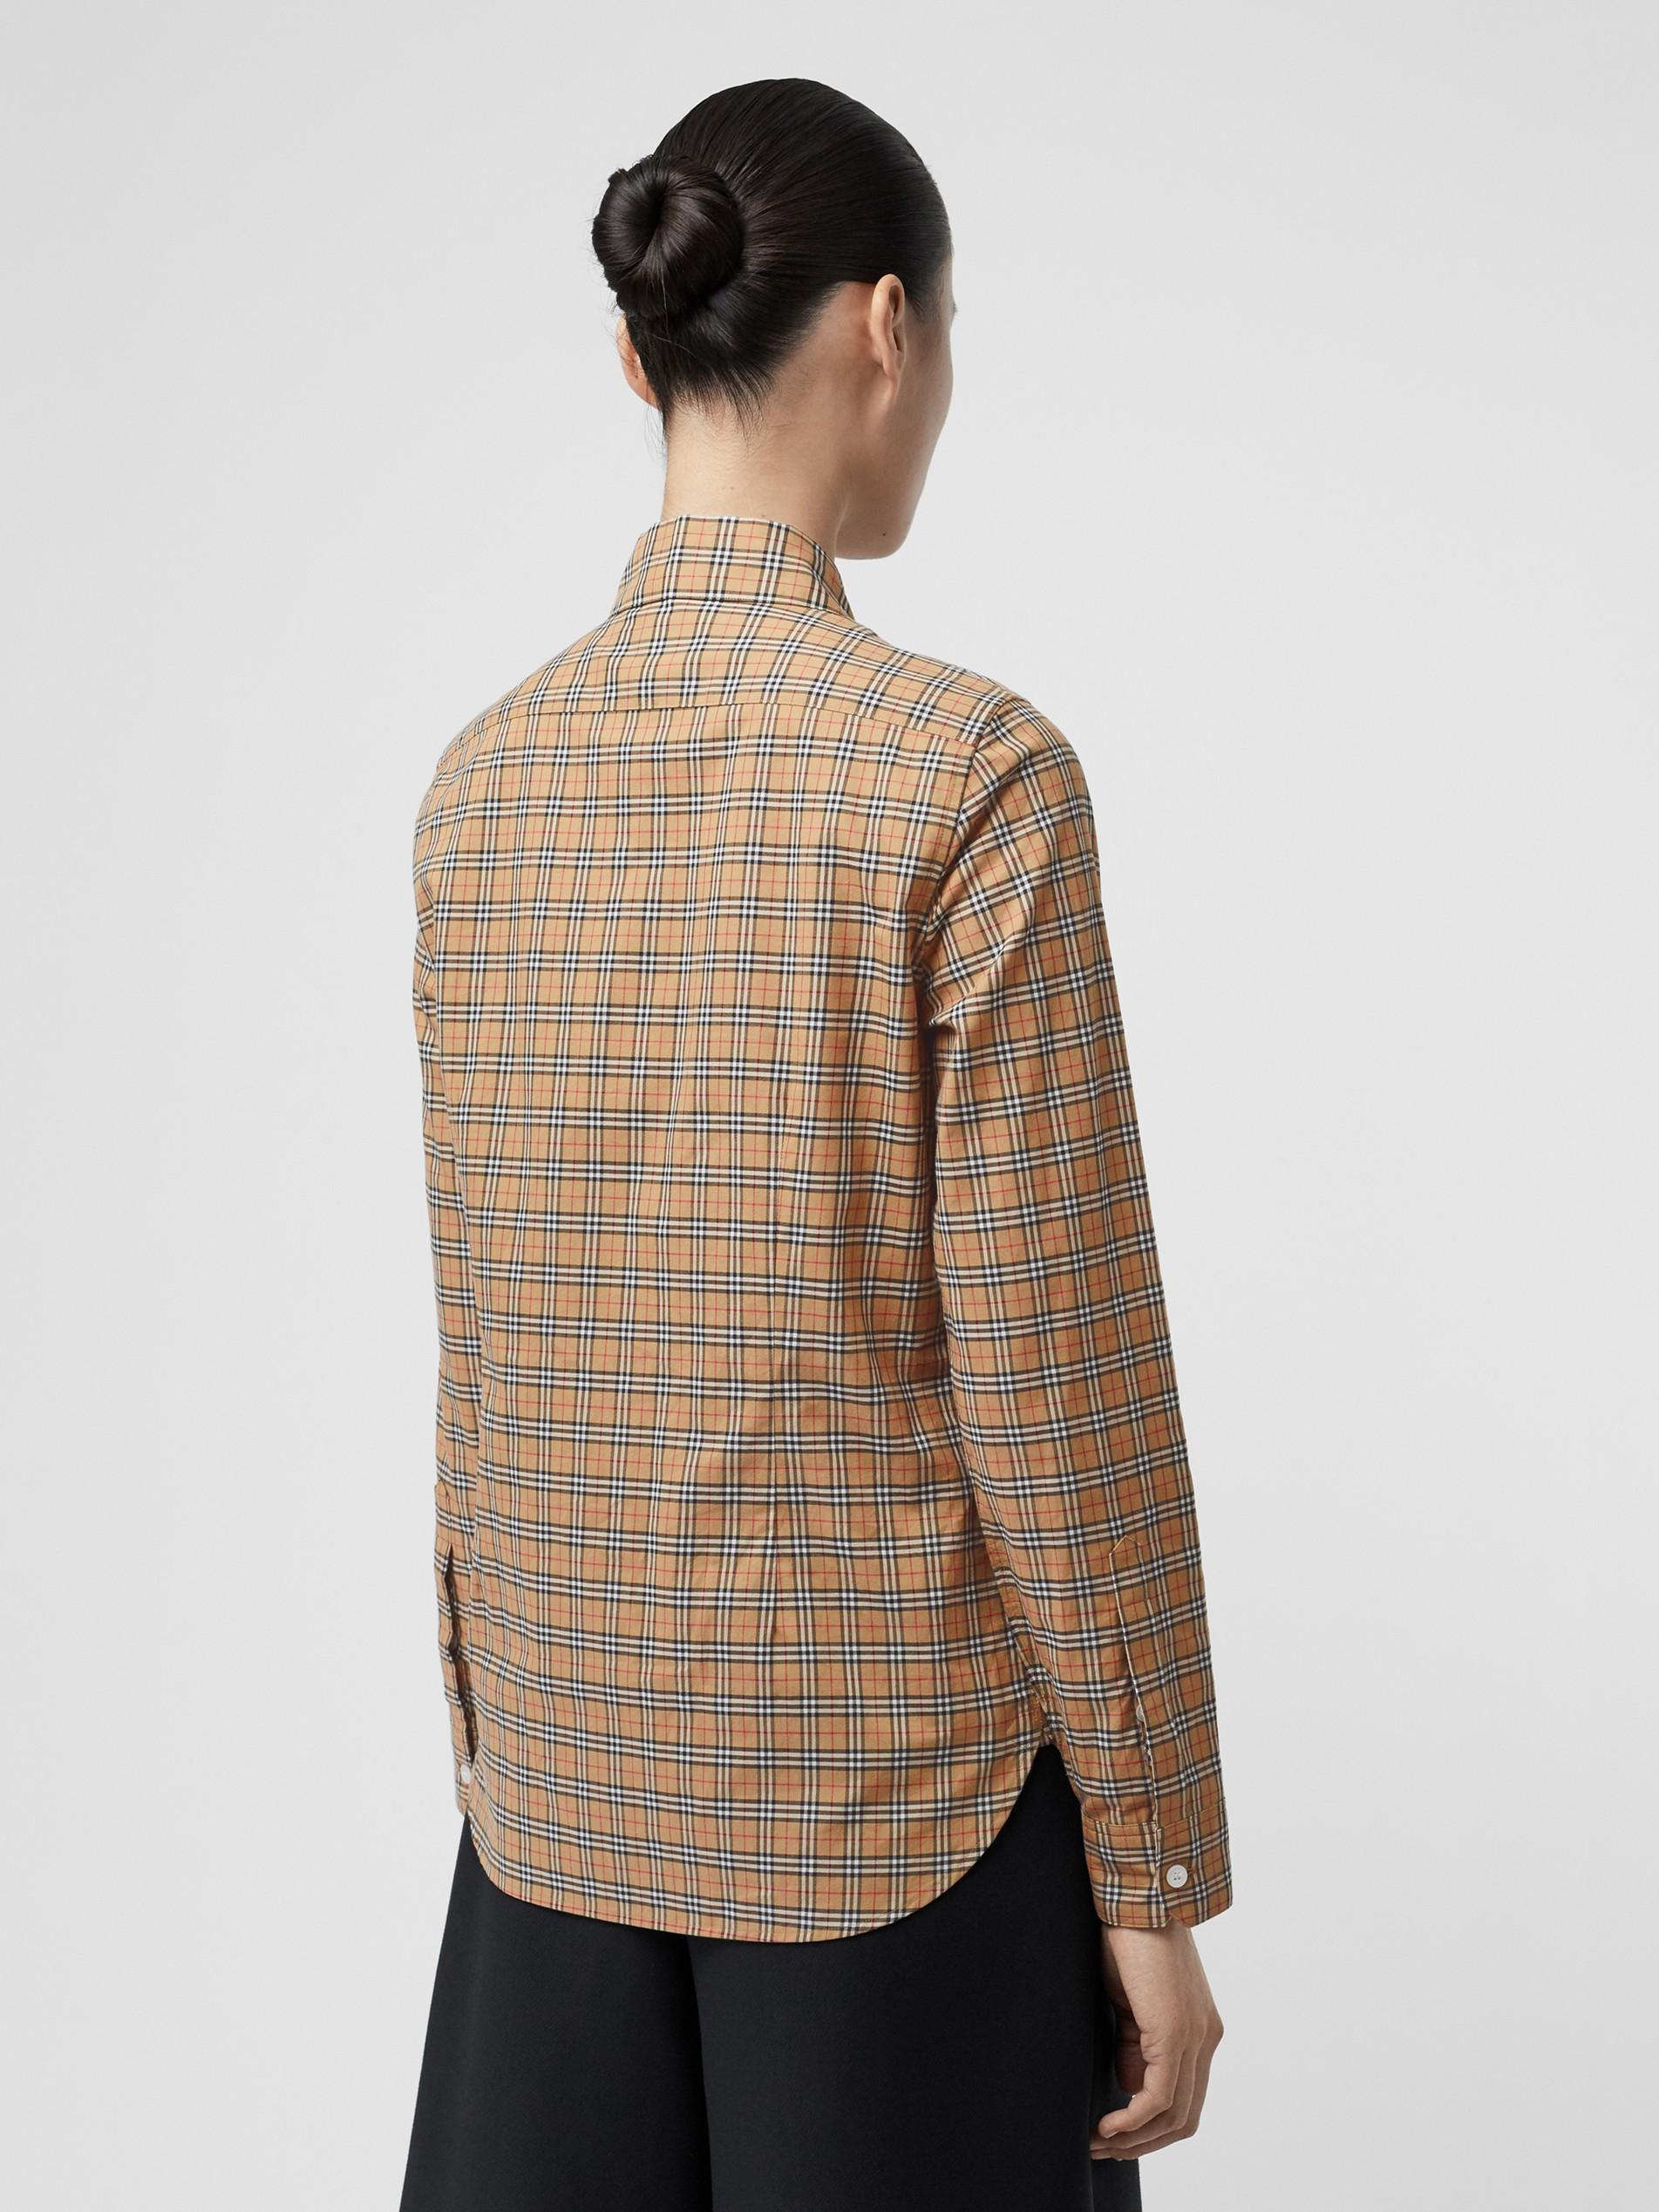 男士黄色牛仔裤_格纹棉质衬衫 (古典黄色) - 女士 | Burberry 博柏利